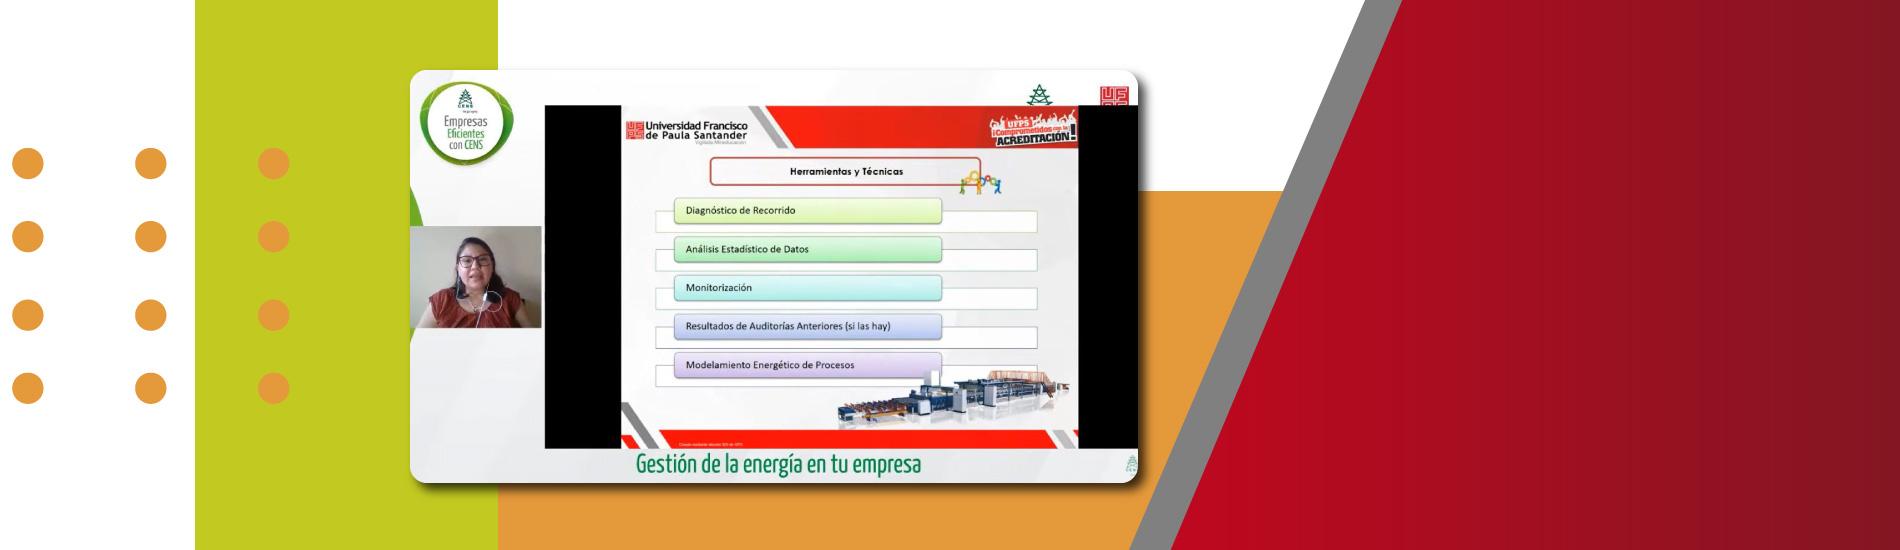 UFPS aliado estratégico de CENS en proyecto de gestión energética